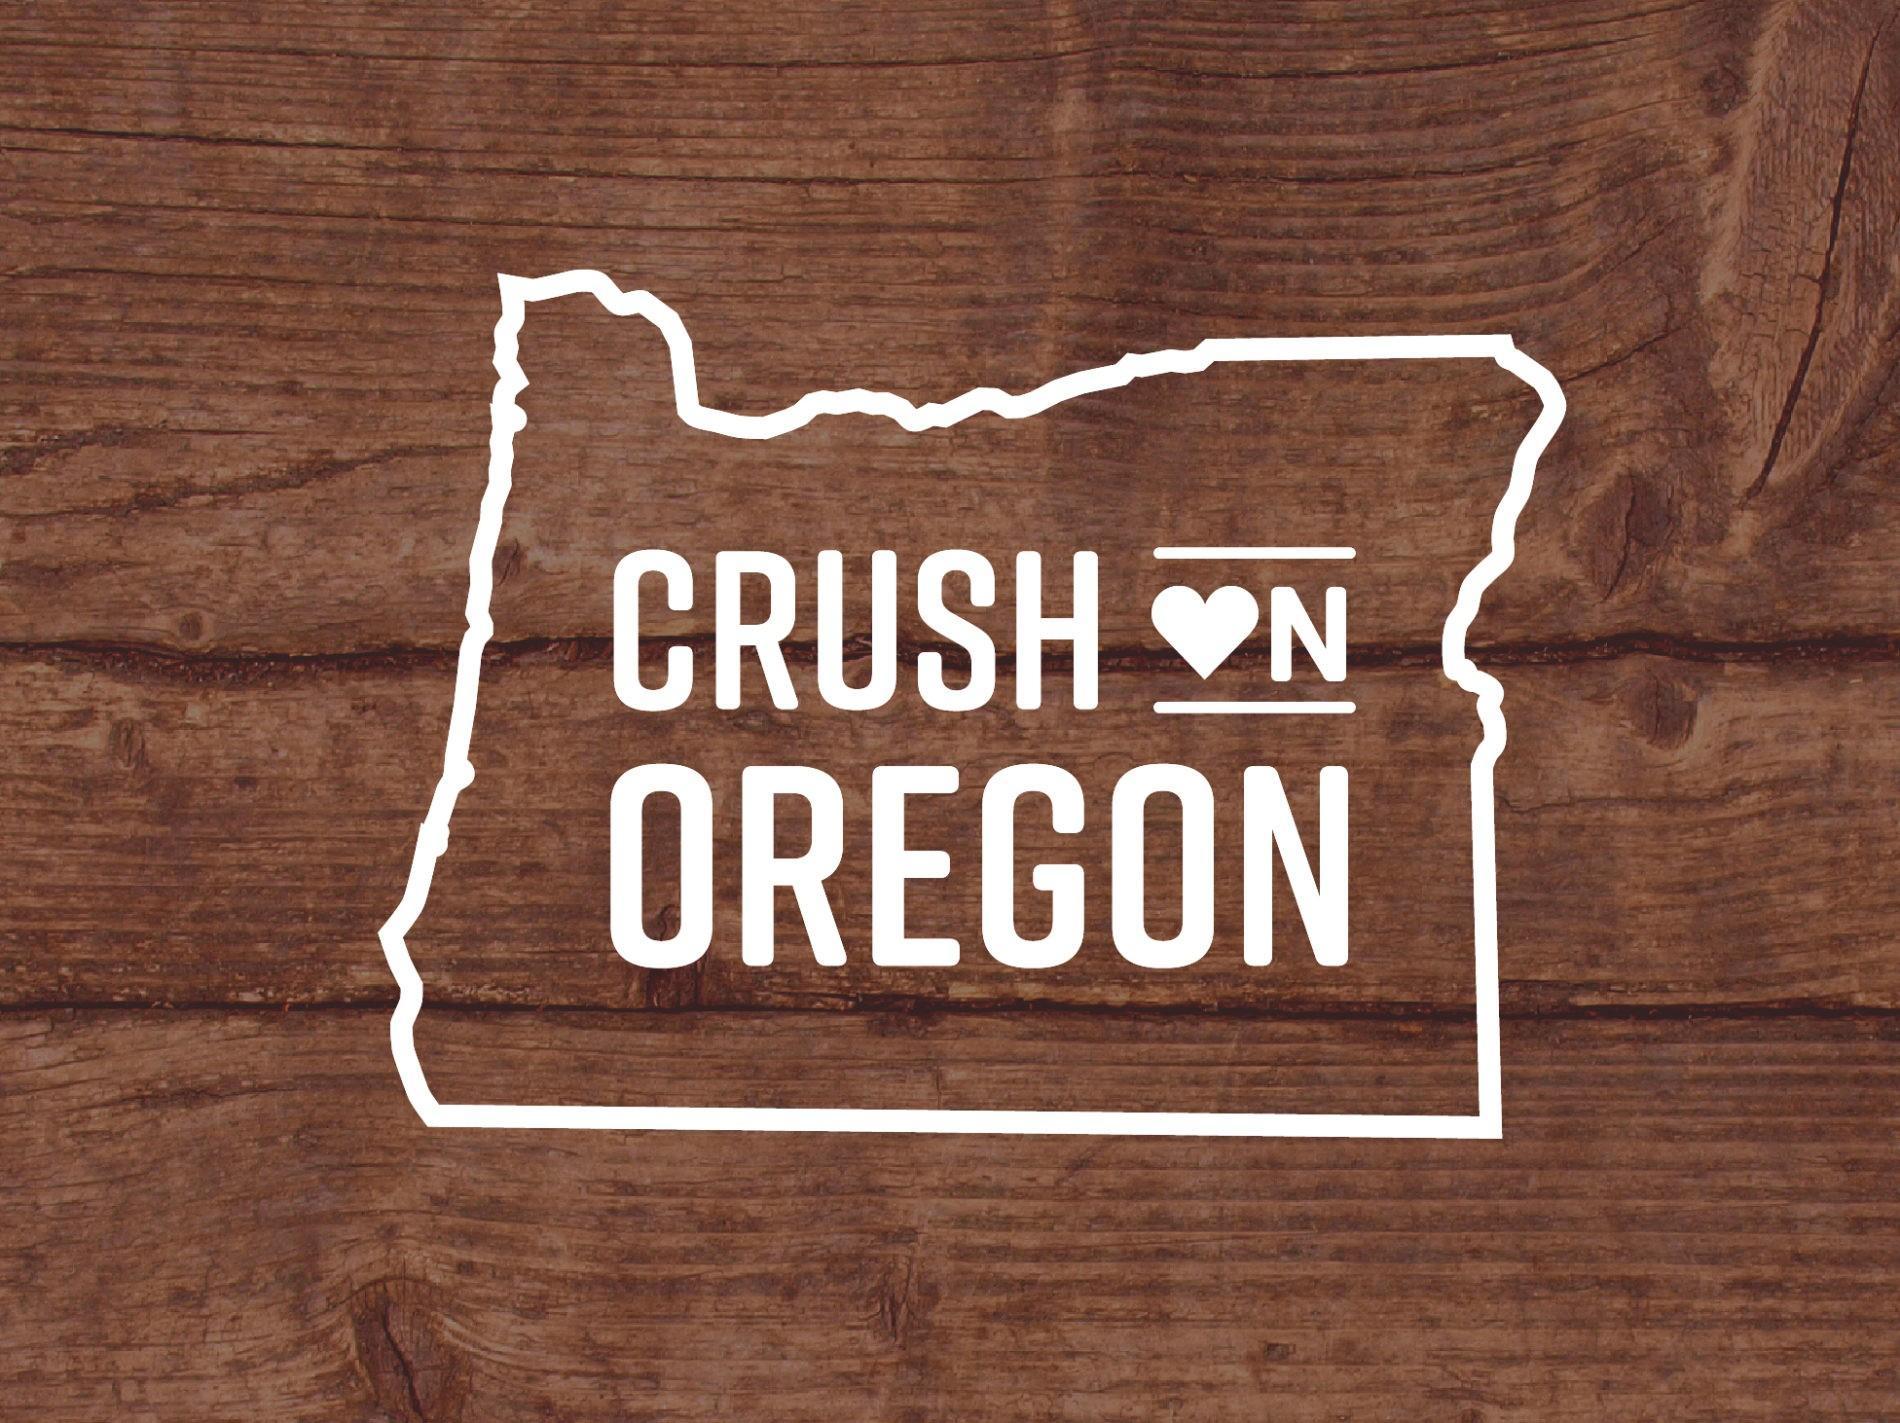 OWA COO wood jpg ZhpwFB.tmp  - Crush on Oregon 2020